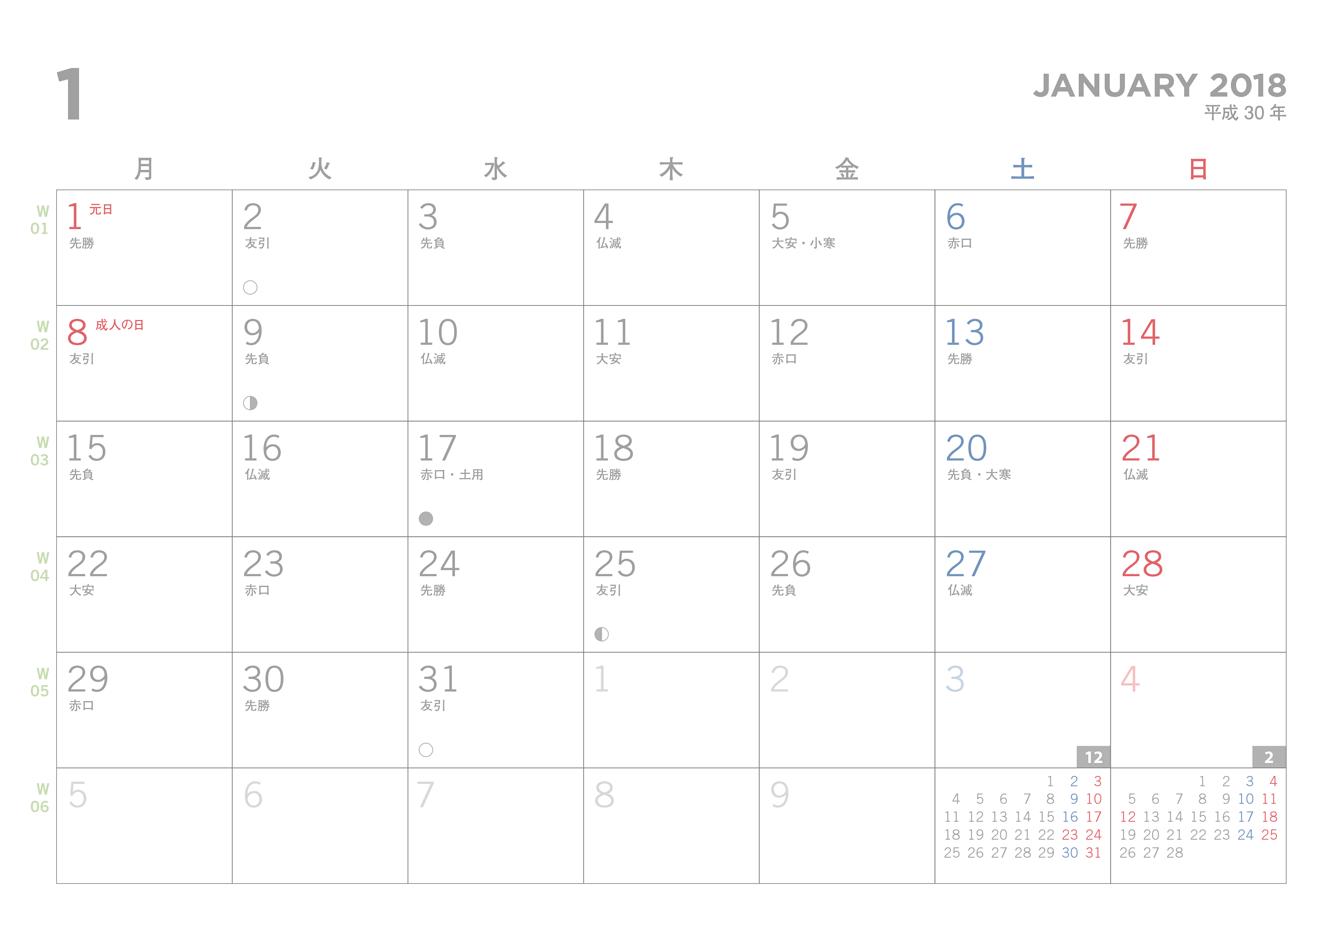 シンプルカレンダーの定番ウエブスタジオアクネ